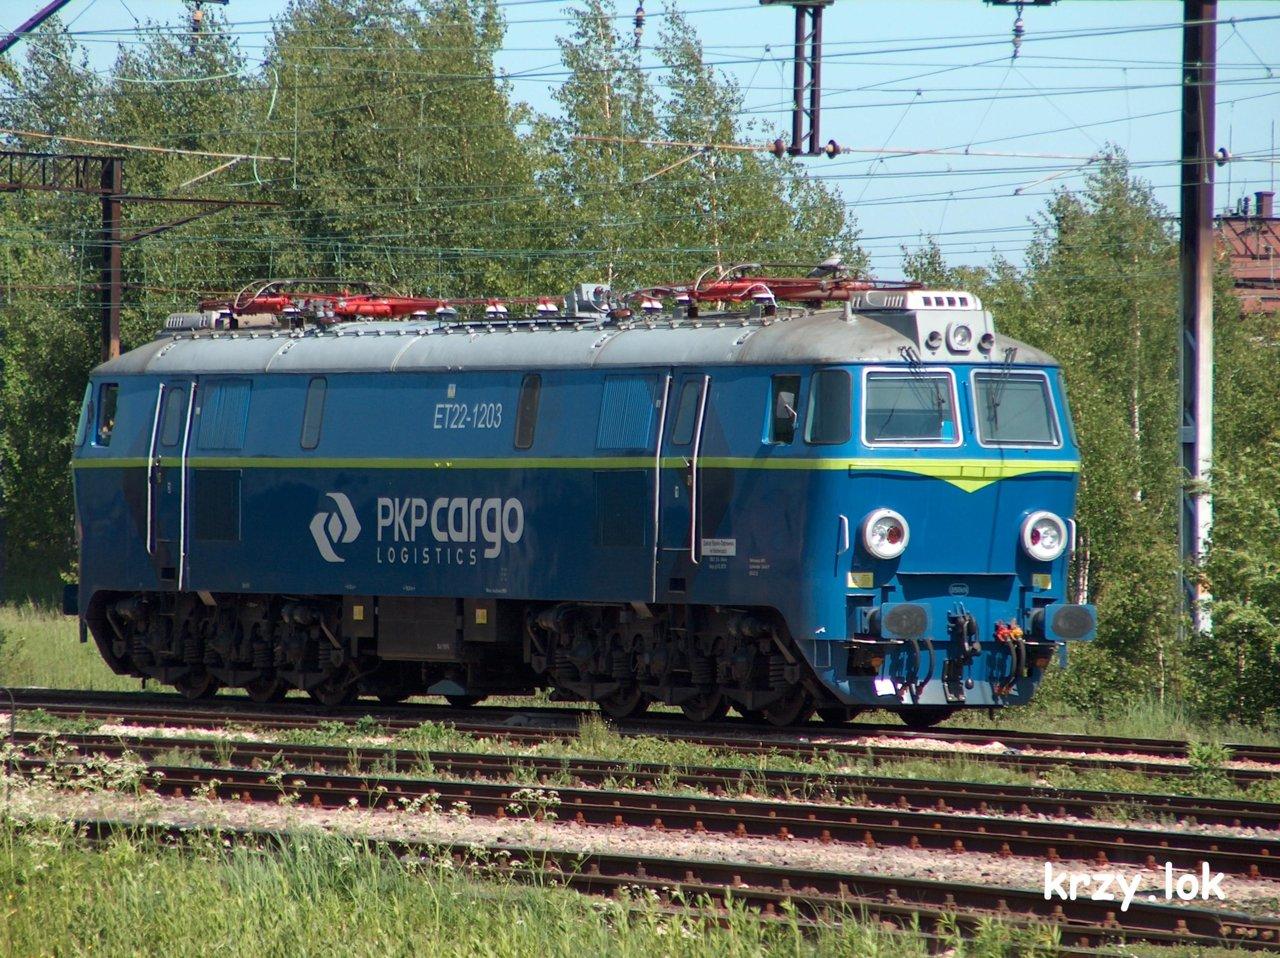 HPIM5457.JPG